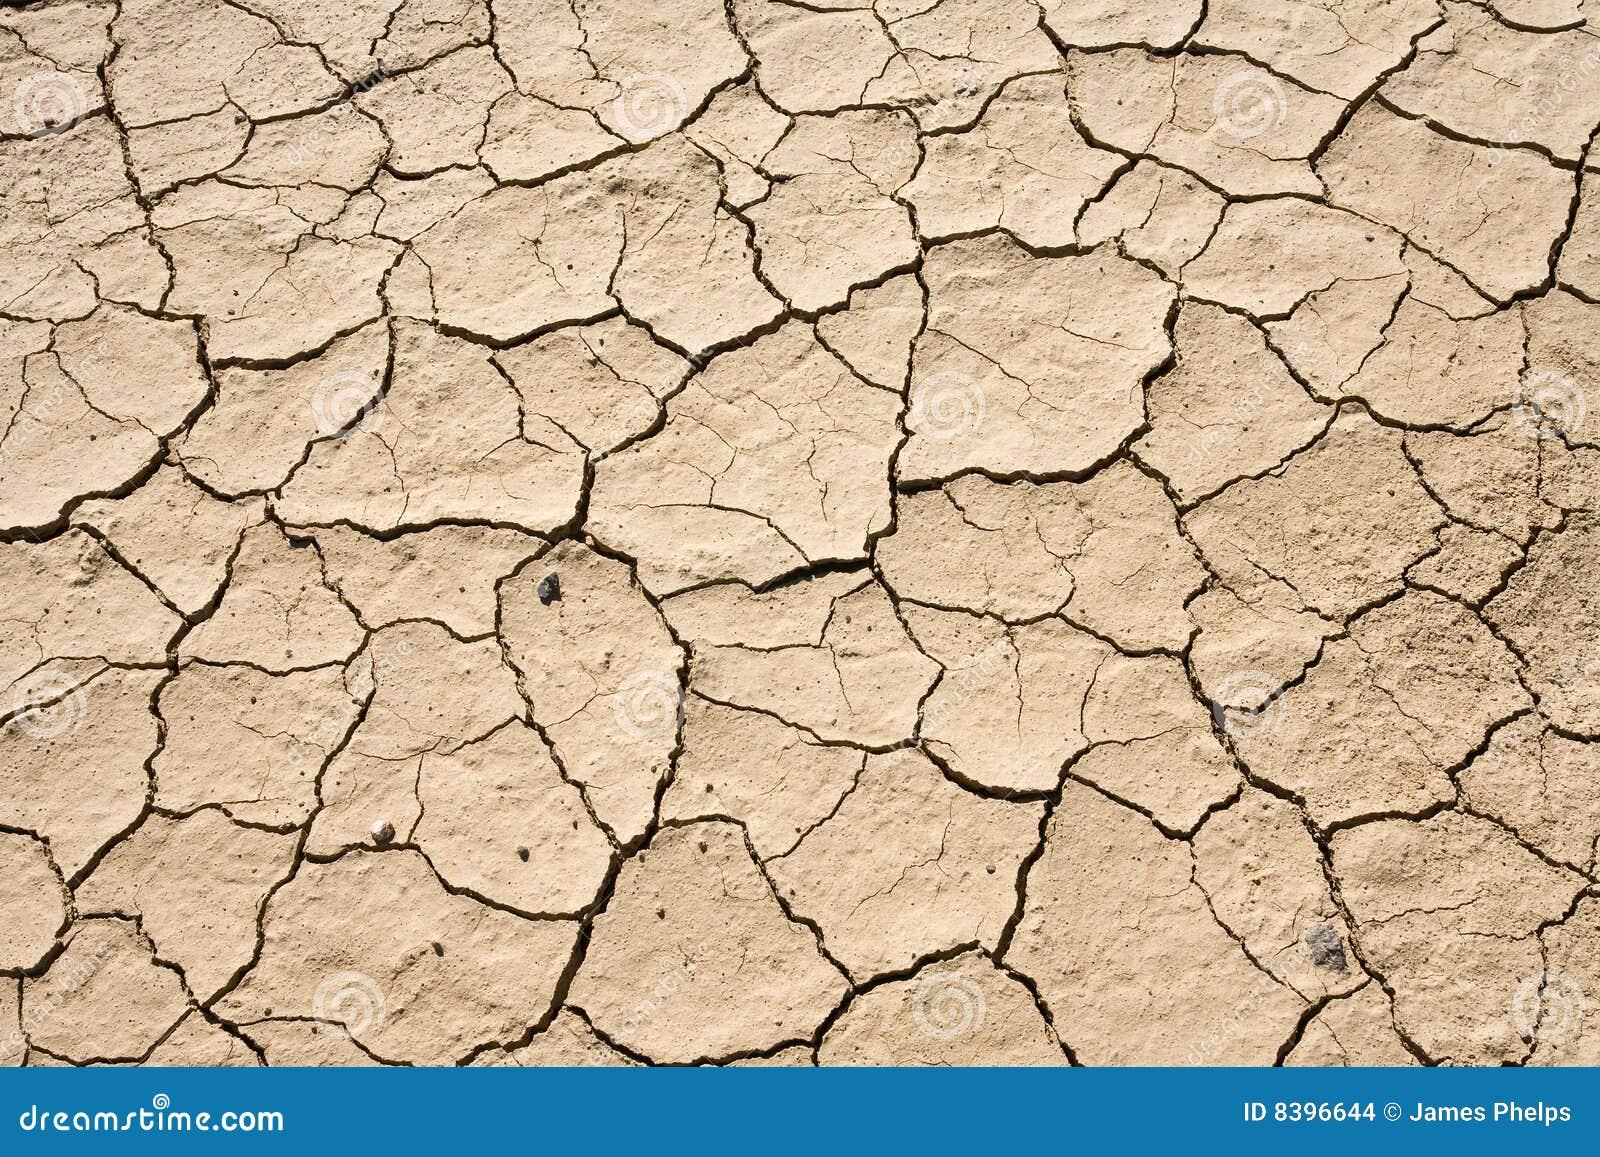 Droog Modder Gebarsten van de Grond van de Woestijn Patroon Als achtergrond